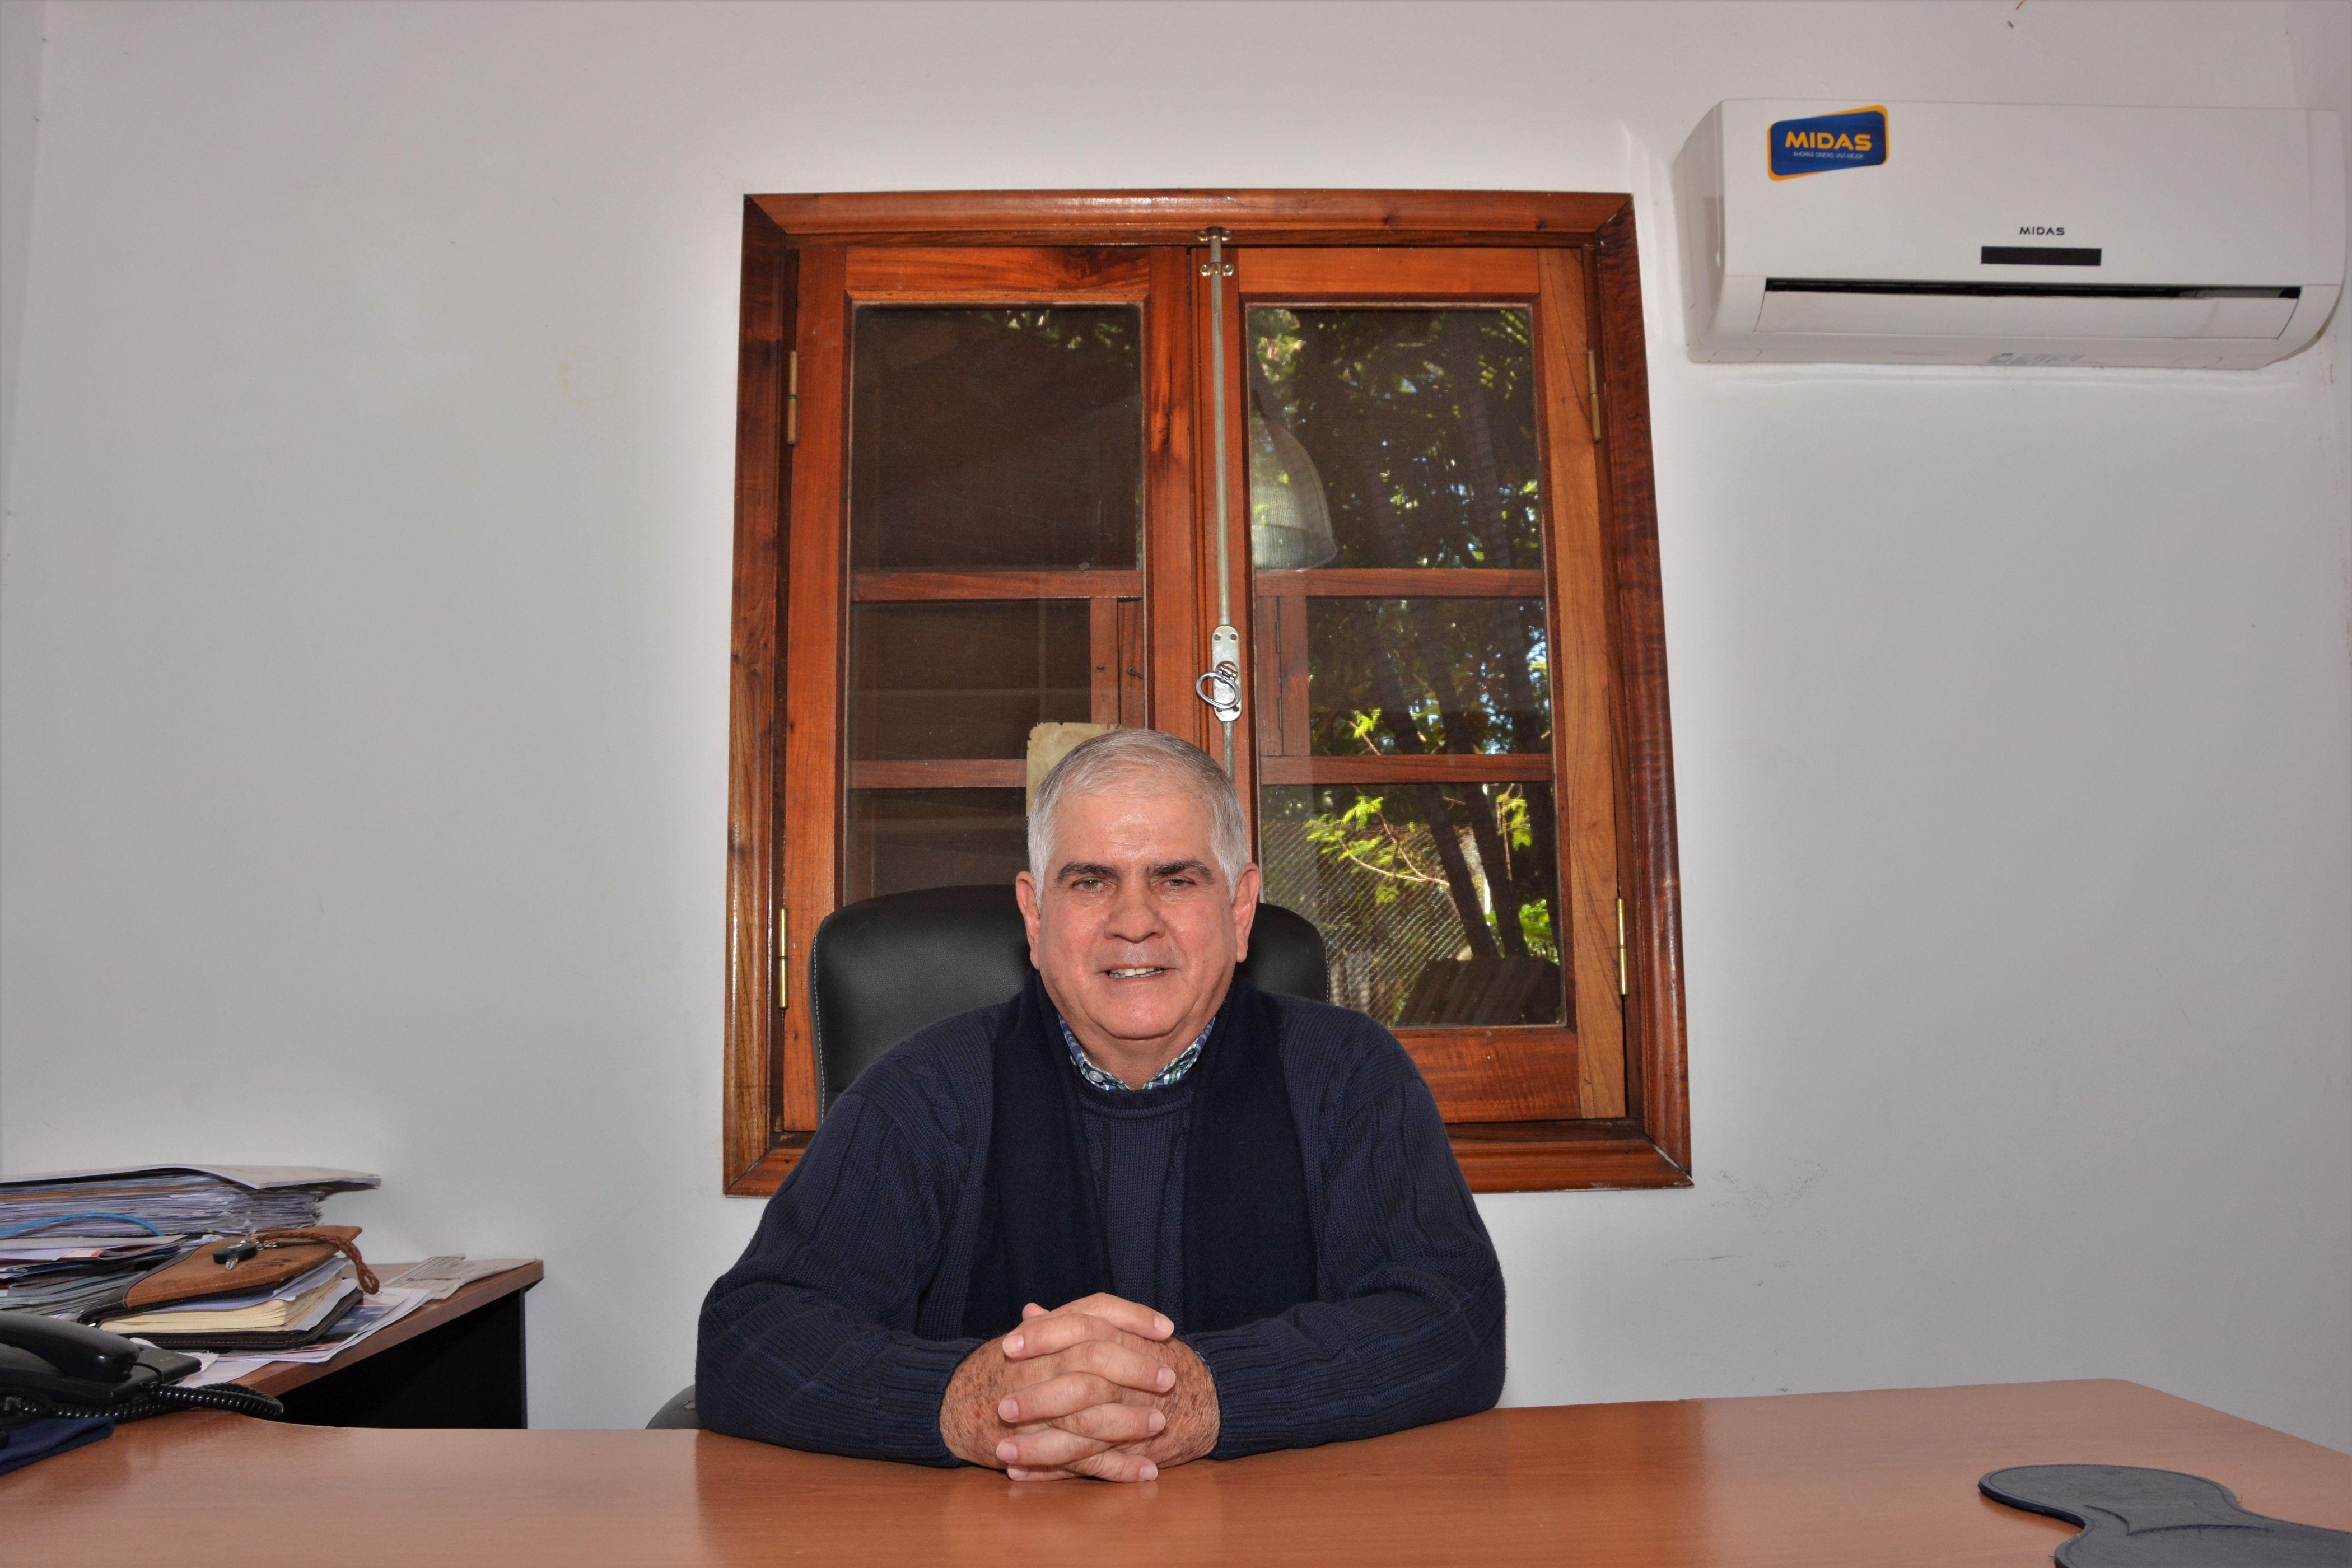 20 años administrando con excelencia las estancias de Campos Morombi